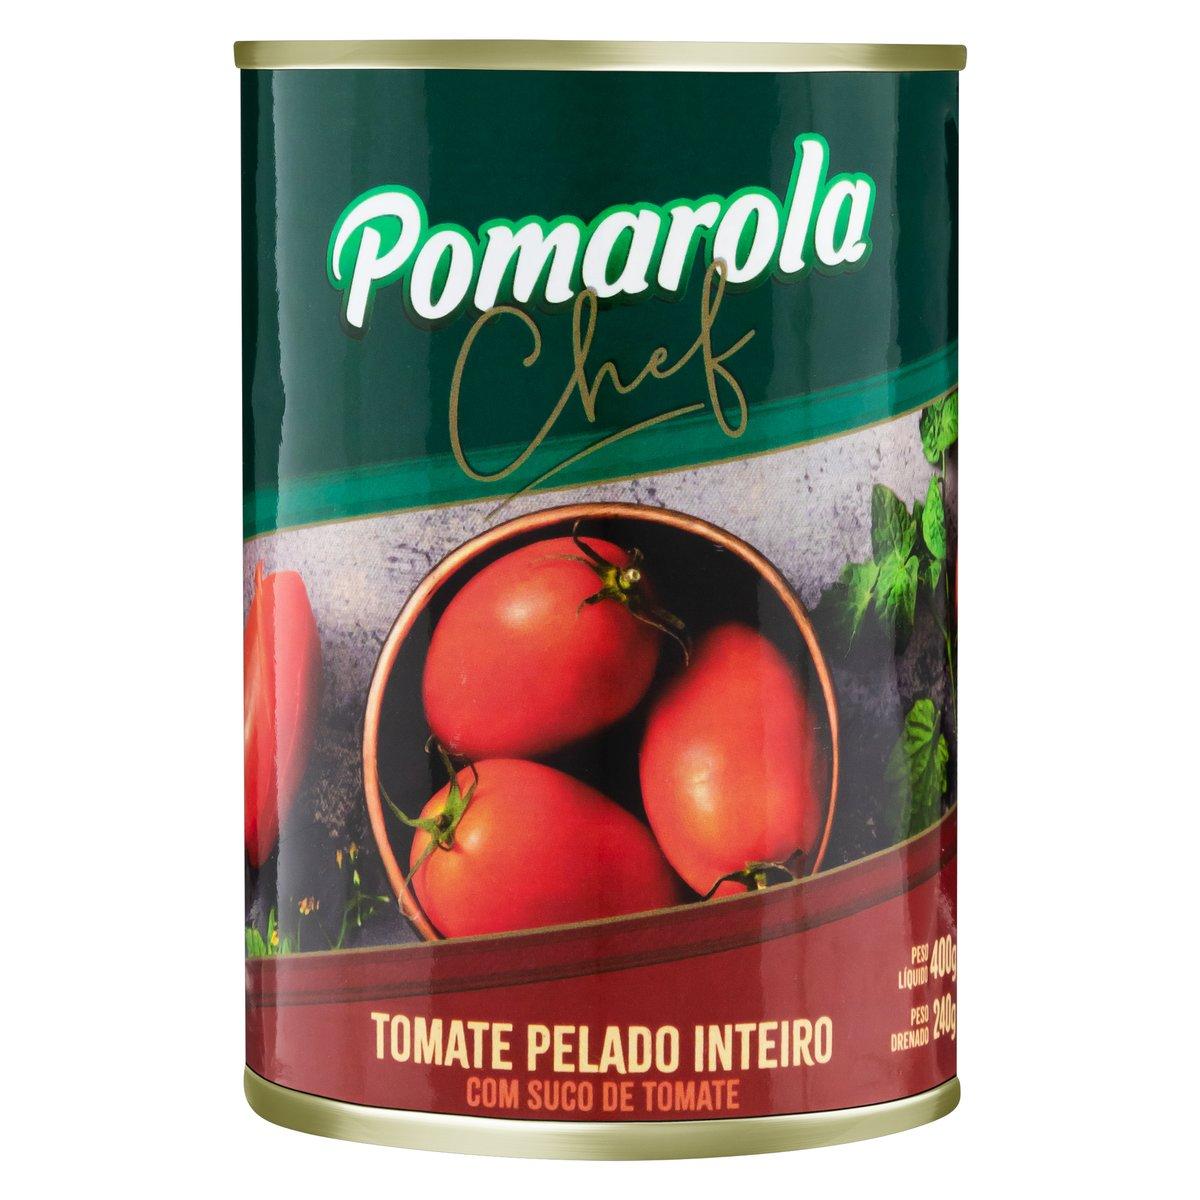 Tomate Pelado Inteiro com Suco de Tomate Pomarola Chef Peso Líquido 400g Peso Drenado 240g